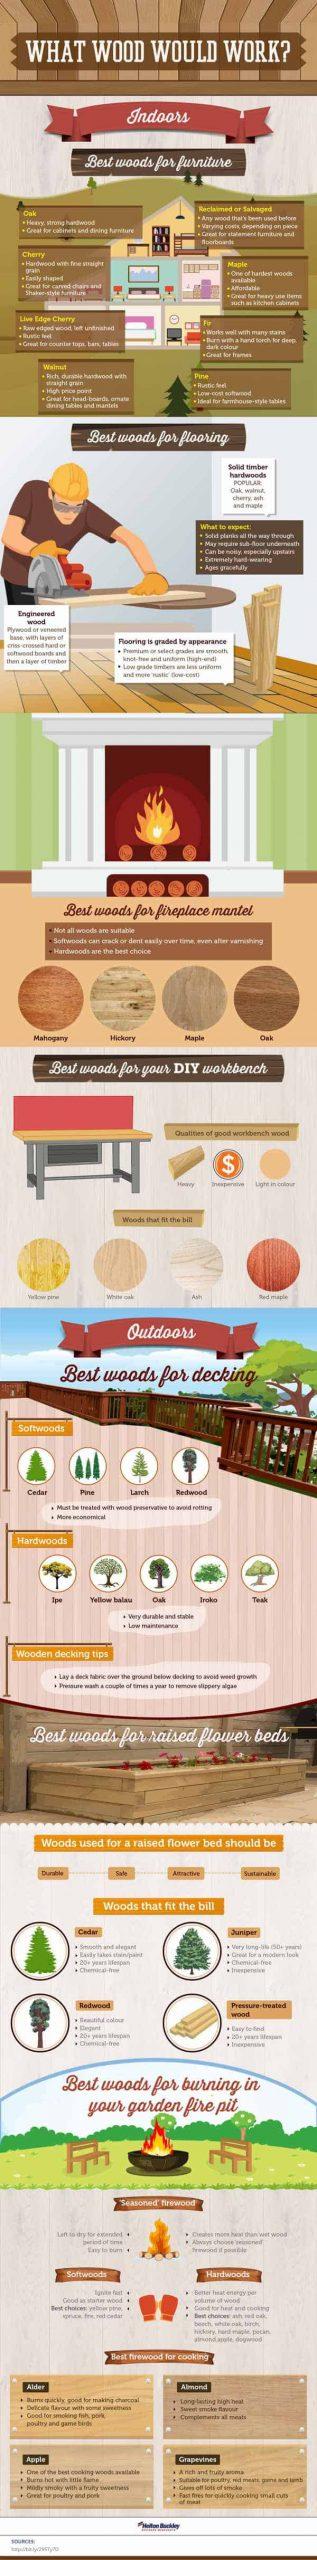 como escoger madera para reformas en casa infografia